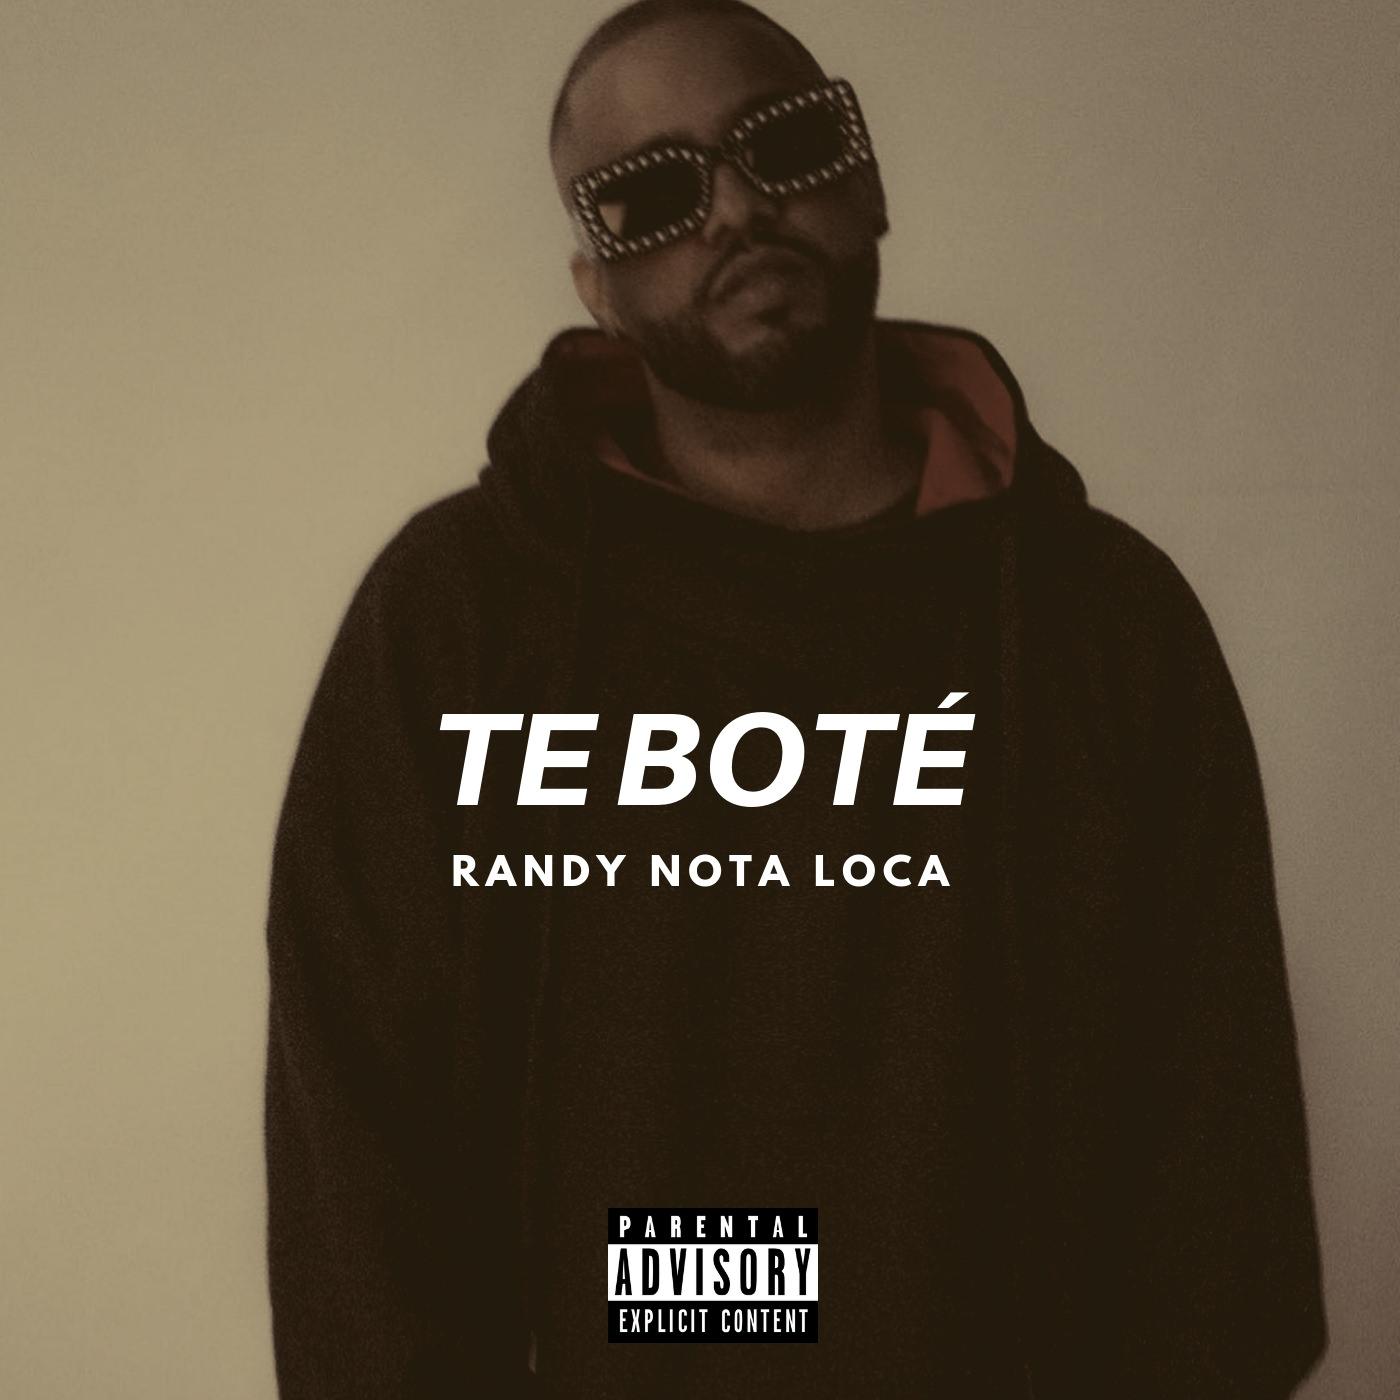 bote - Randy Nota Loca - Te Bote